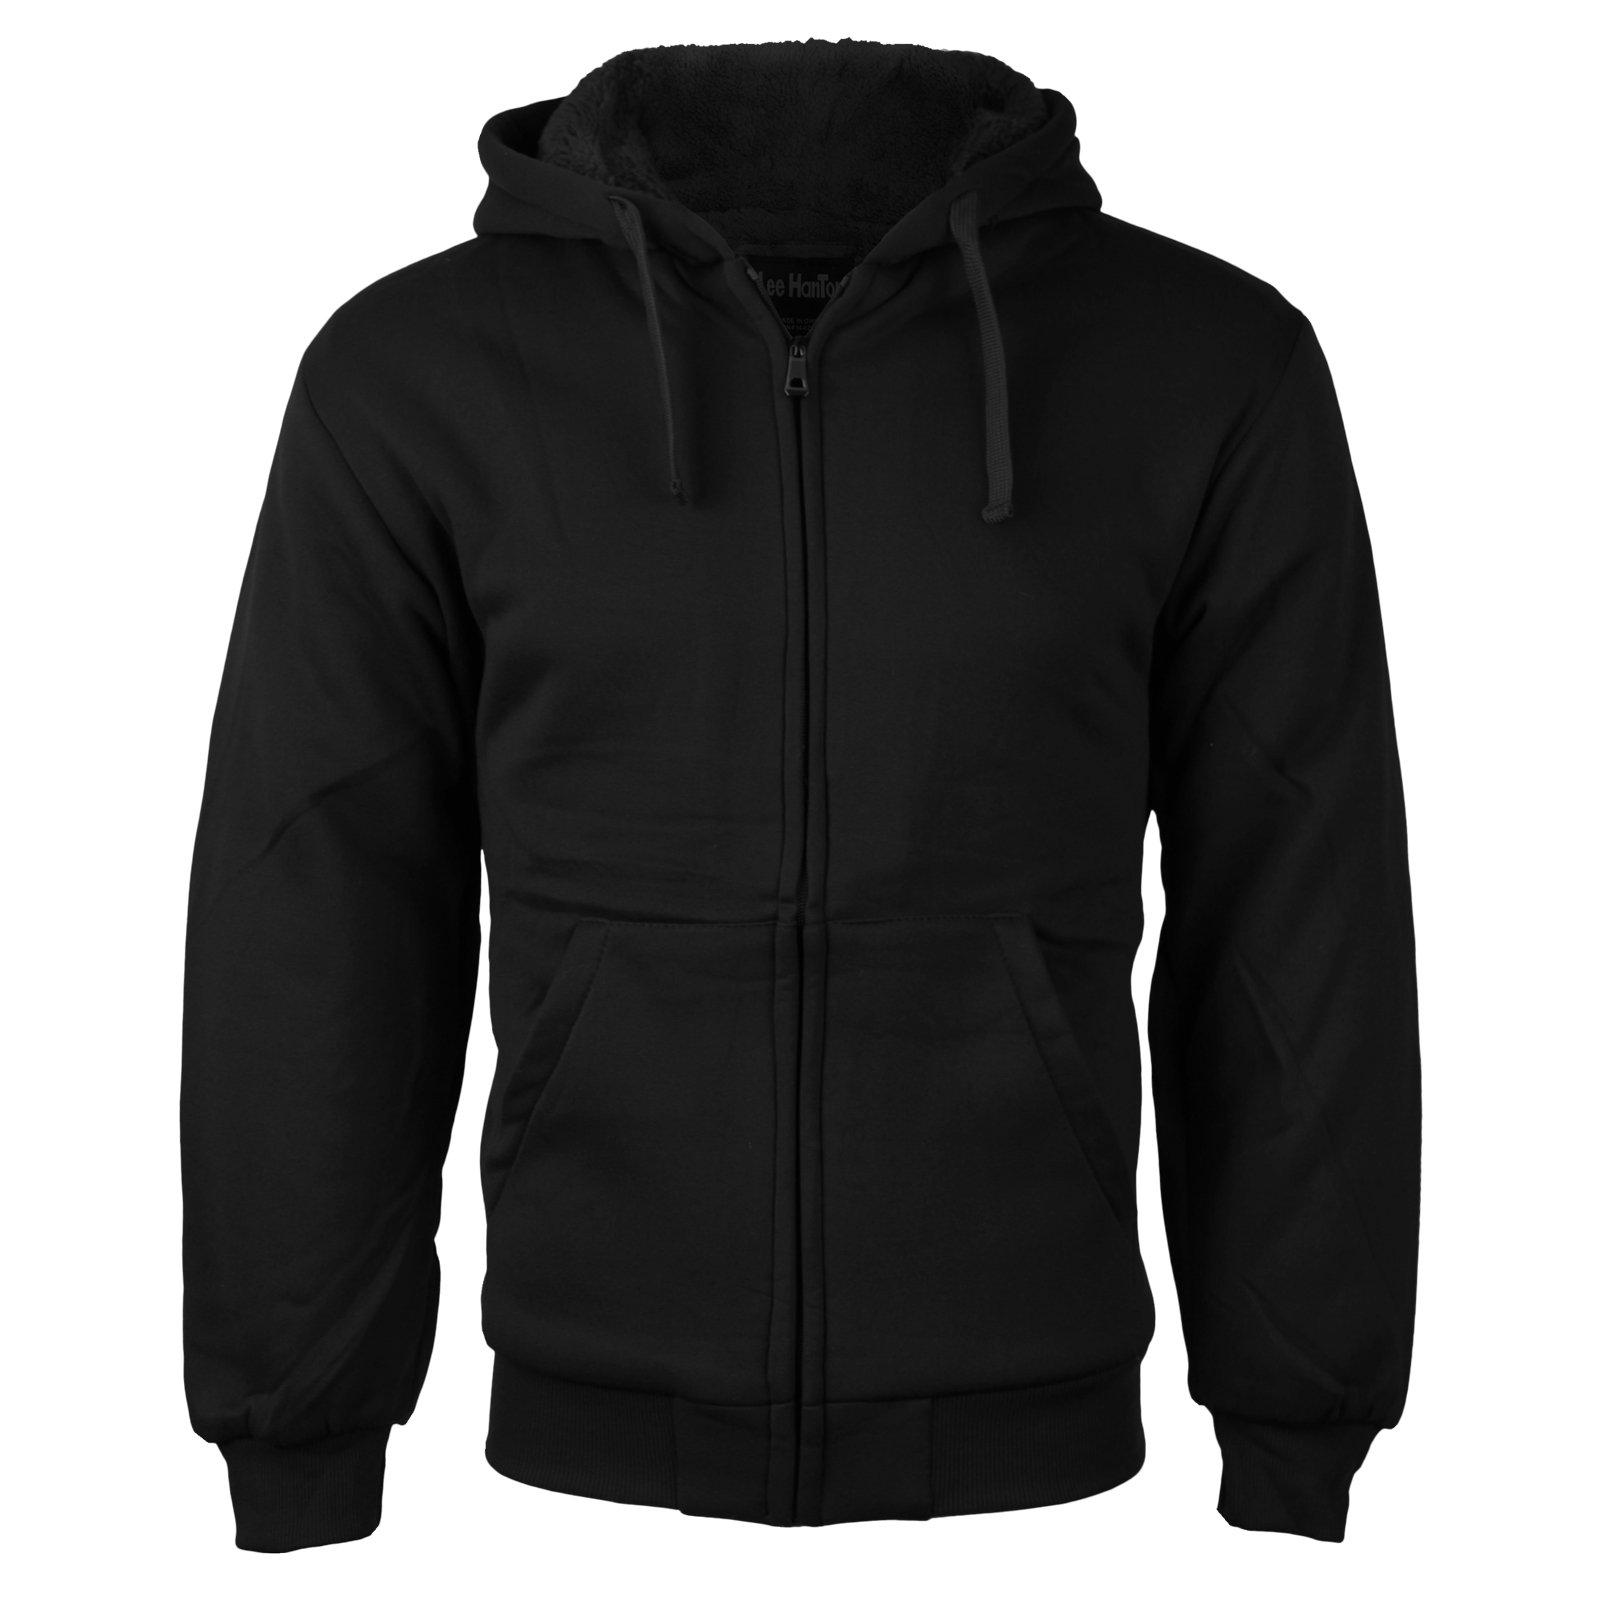 vkwear Men's Athletic Soft Sherpa Lined Fleece Zip Up Hoodie Sweater Jacket (Small, Black) by vkwear